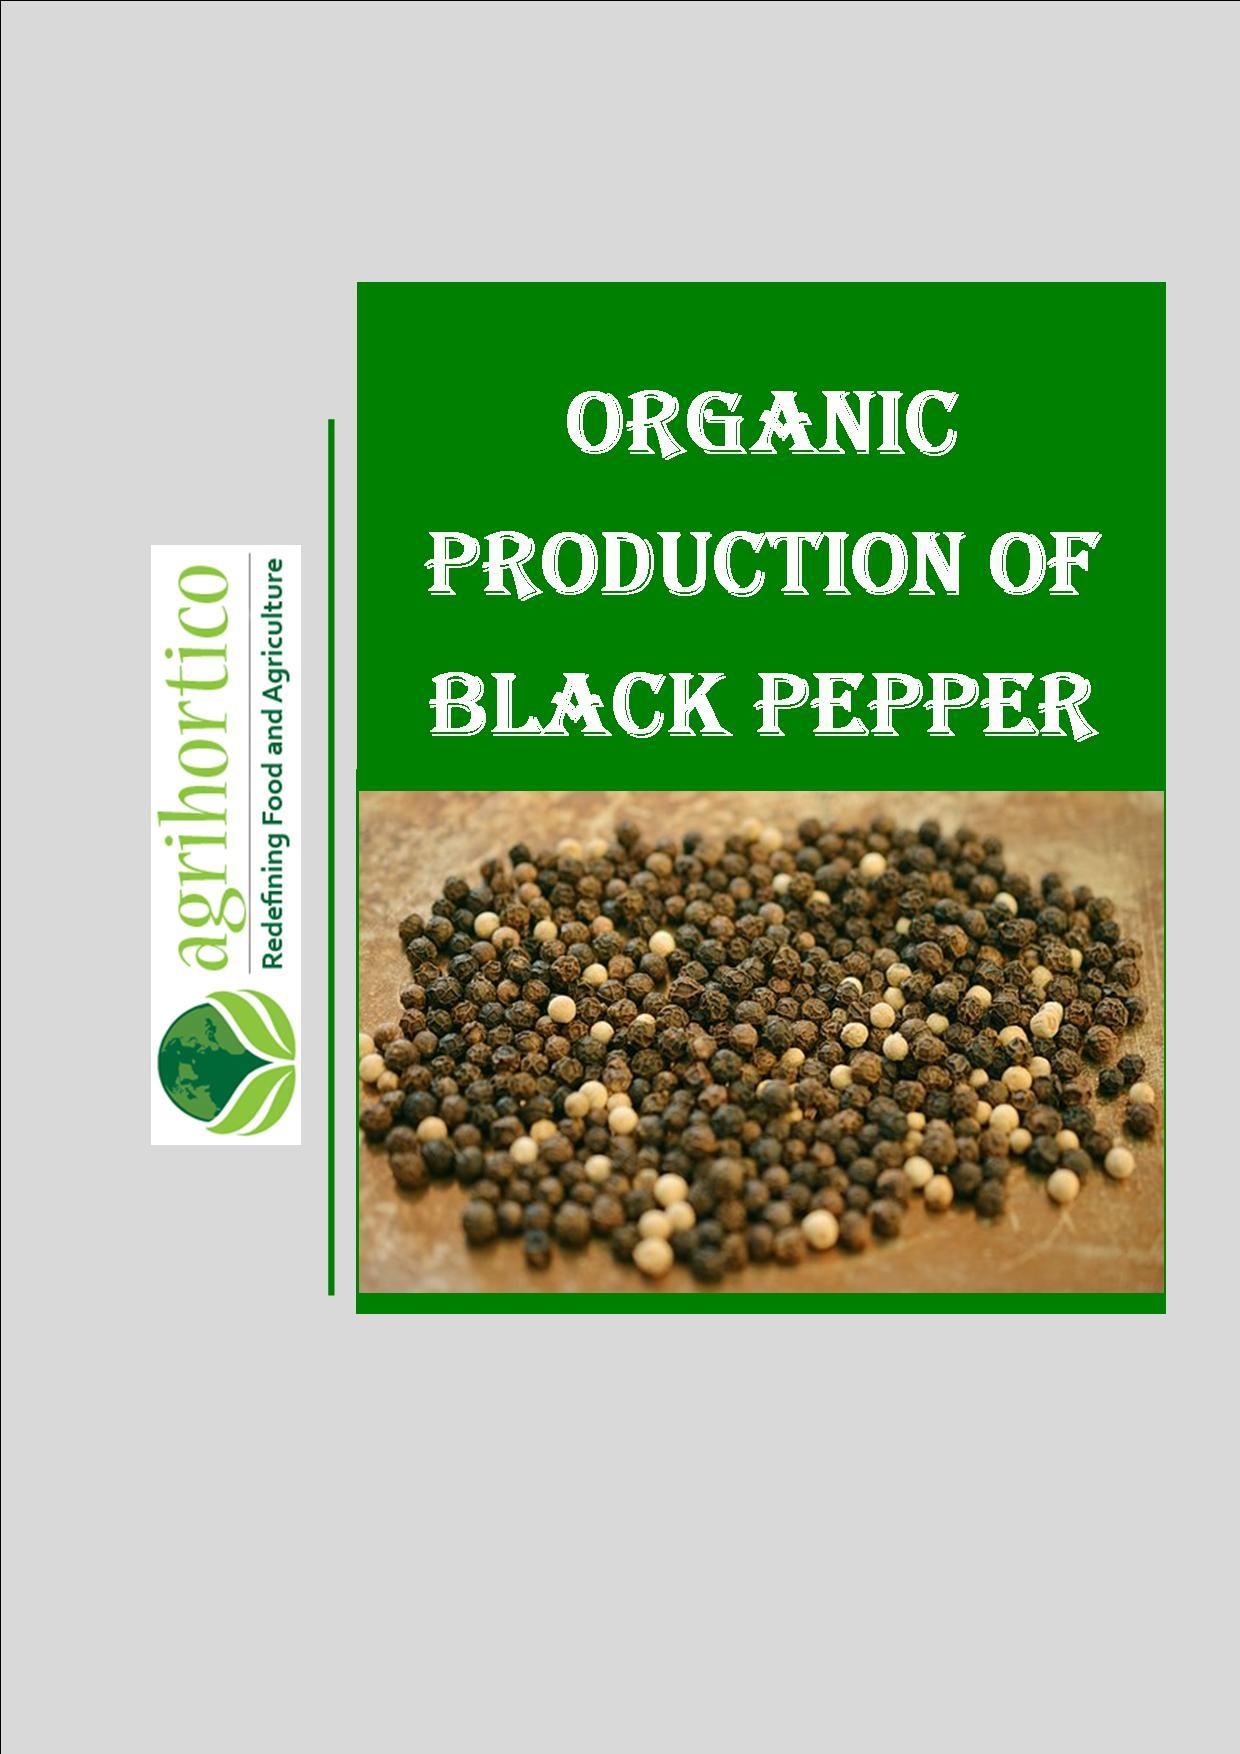 organic-blackpepper